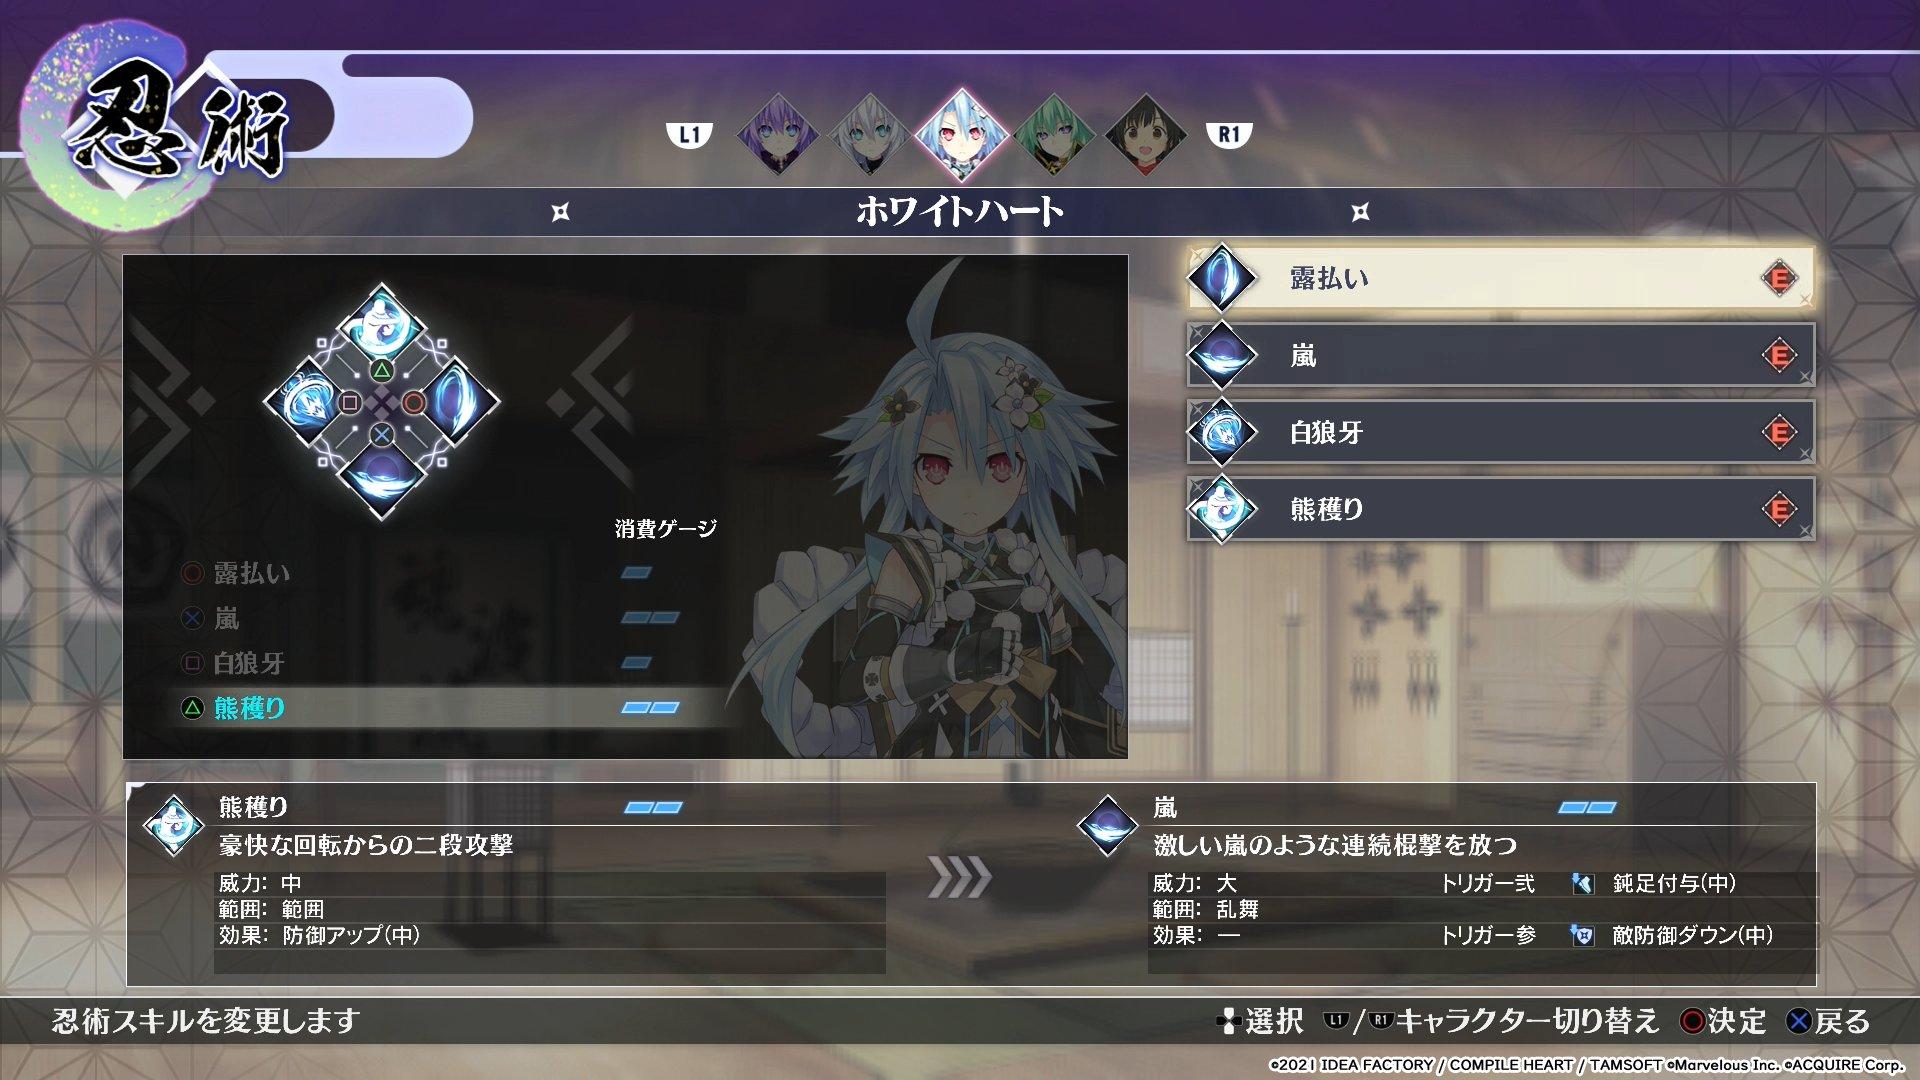 《闪乱忍忍忍者大战海王星》新图公布 展示战斗、系统细节